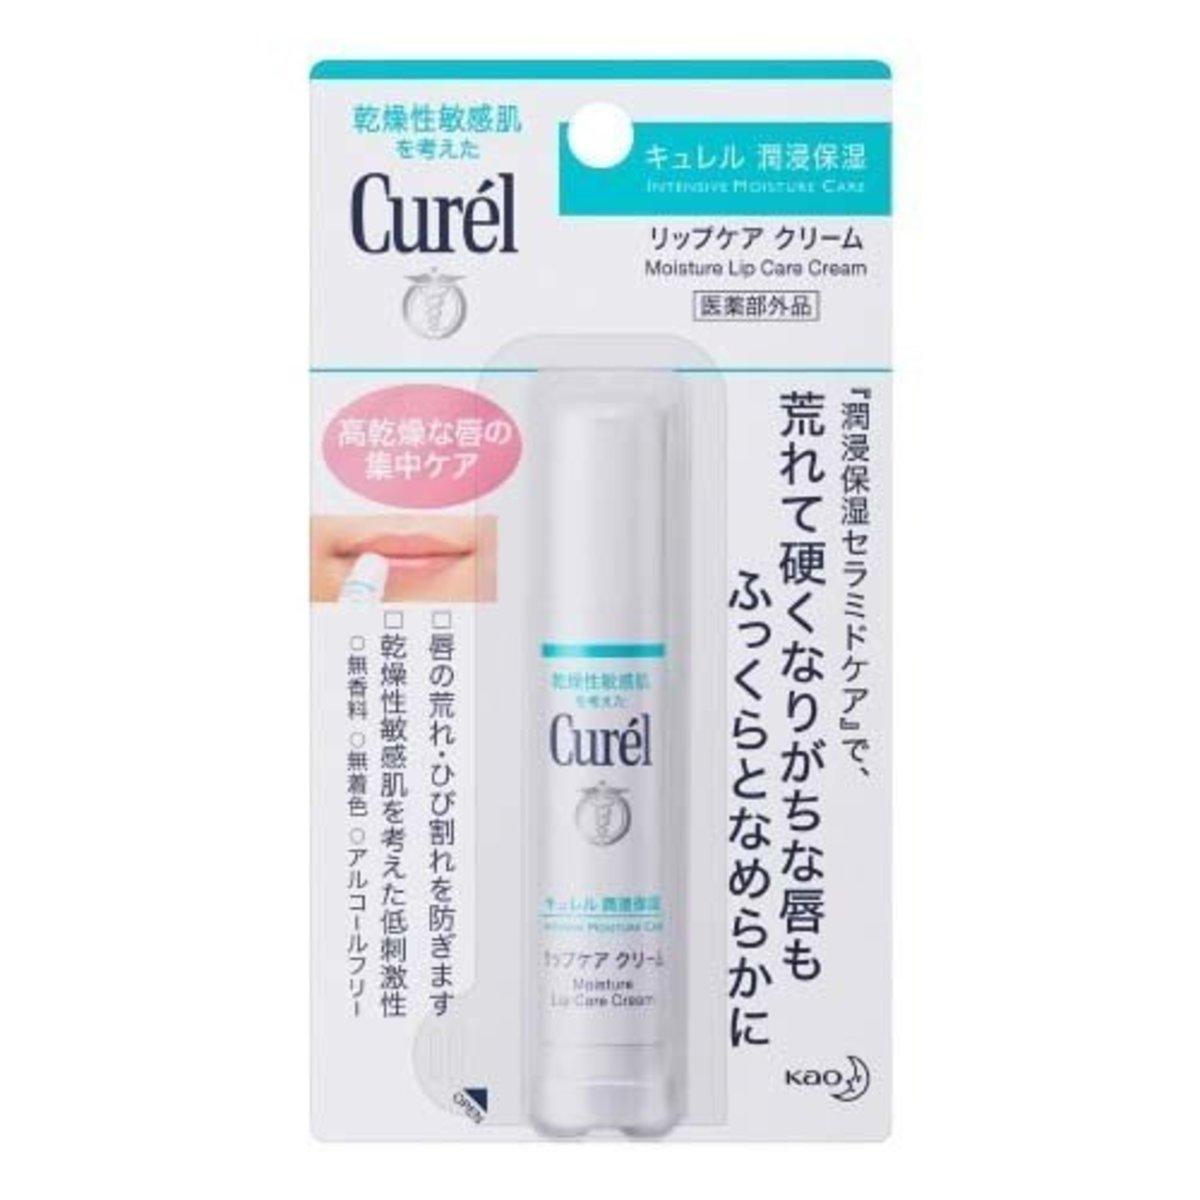 保濕潤唇膏4.2g